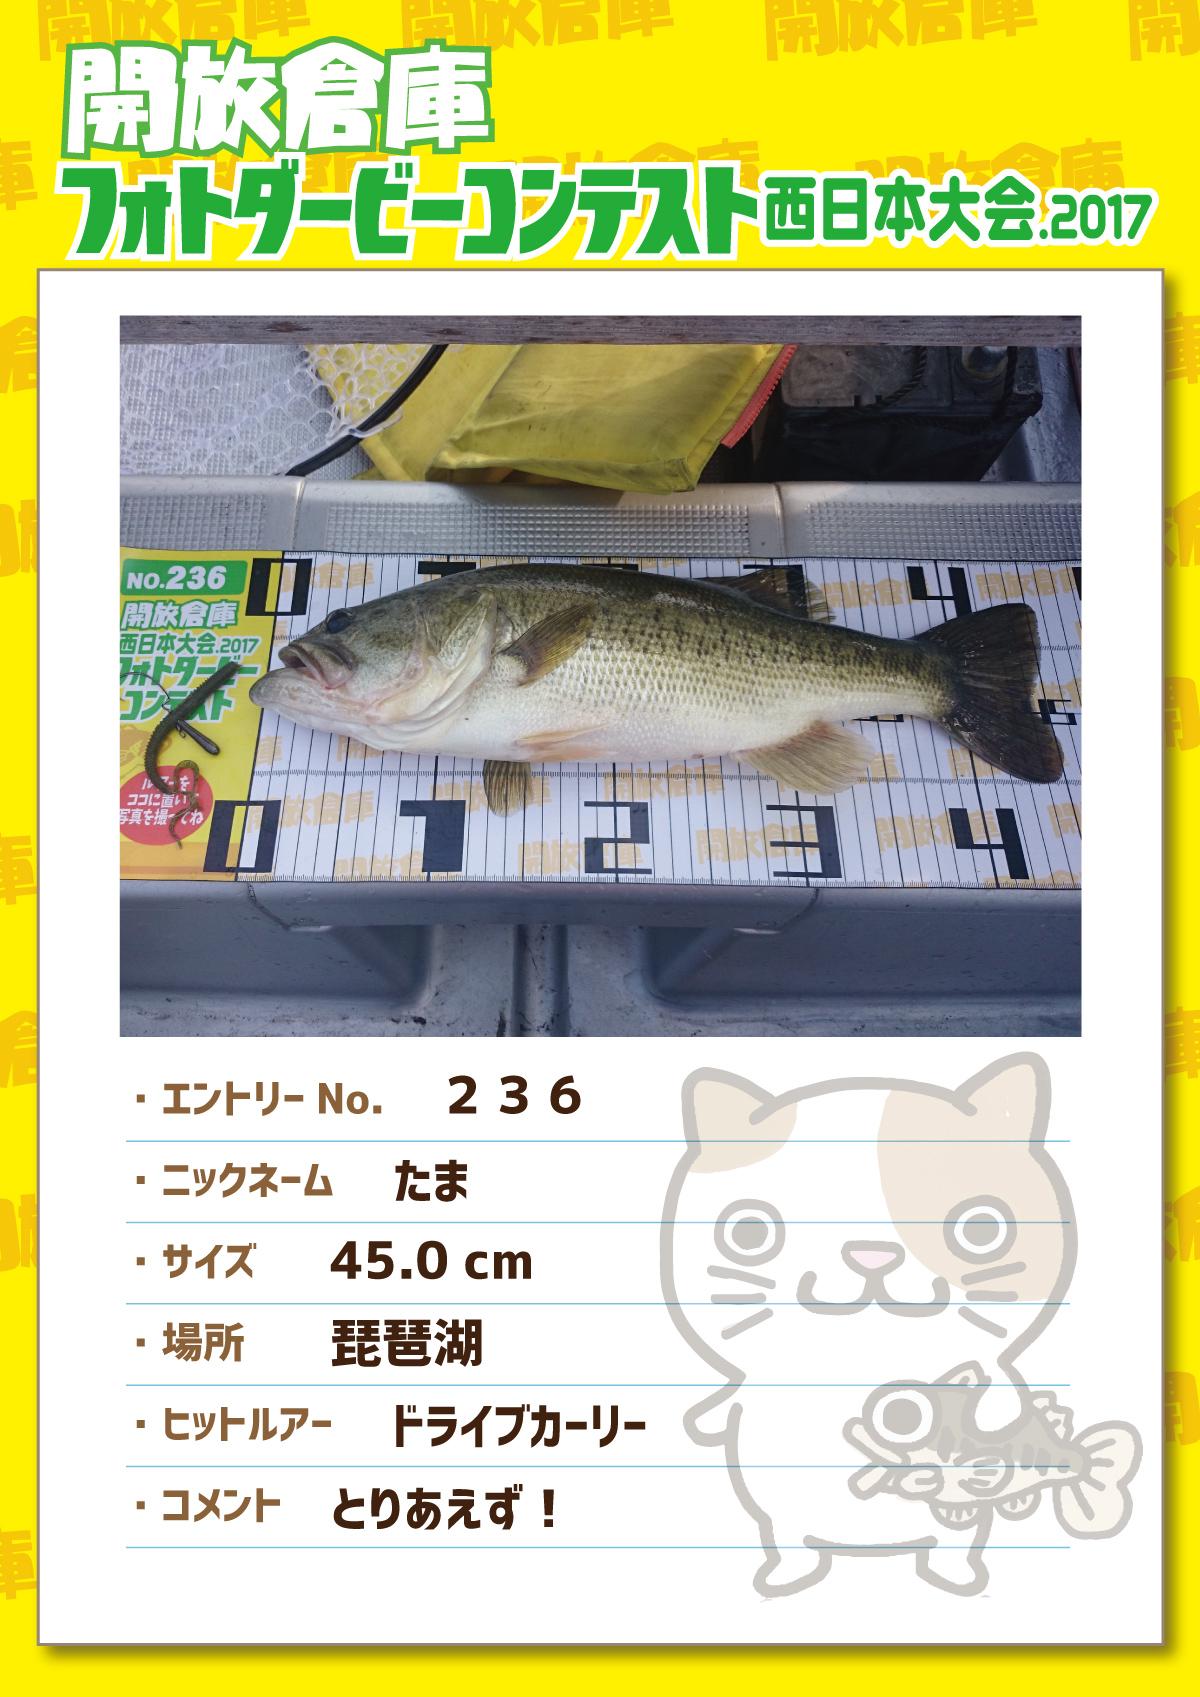 No.236 たま 45.0cm 琵琶湖 ドライブカーリー とりあえず!